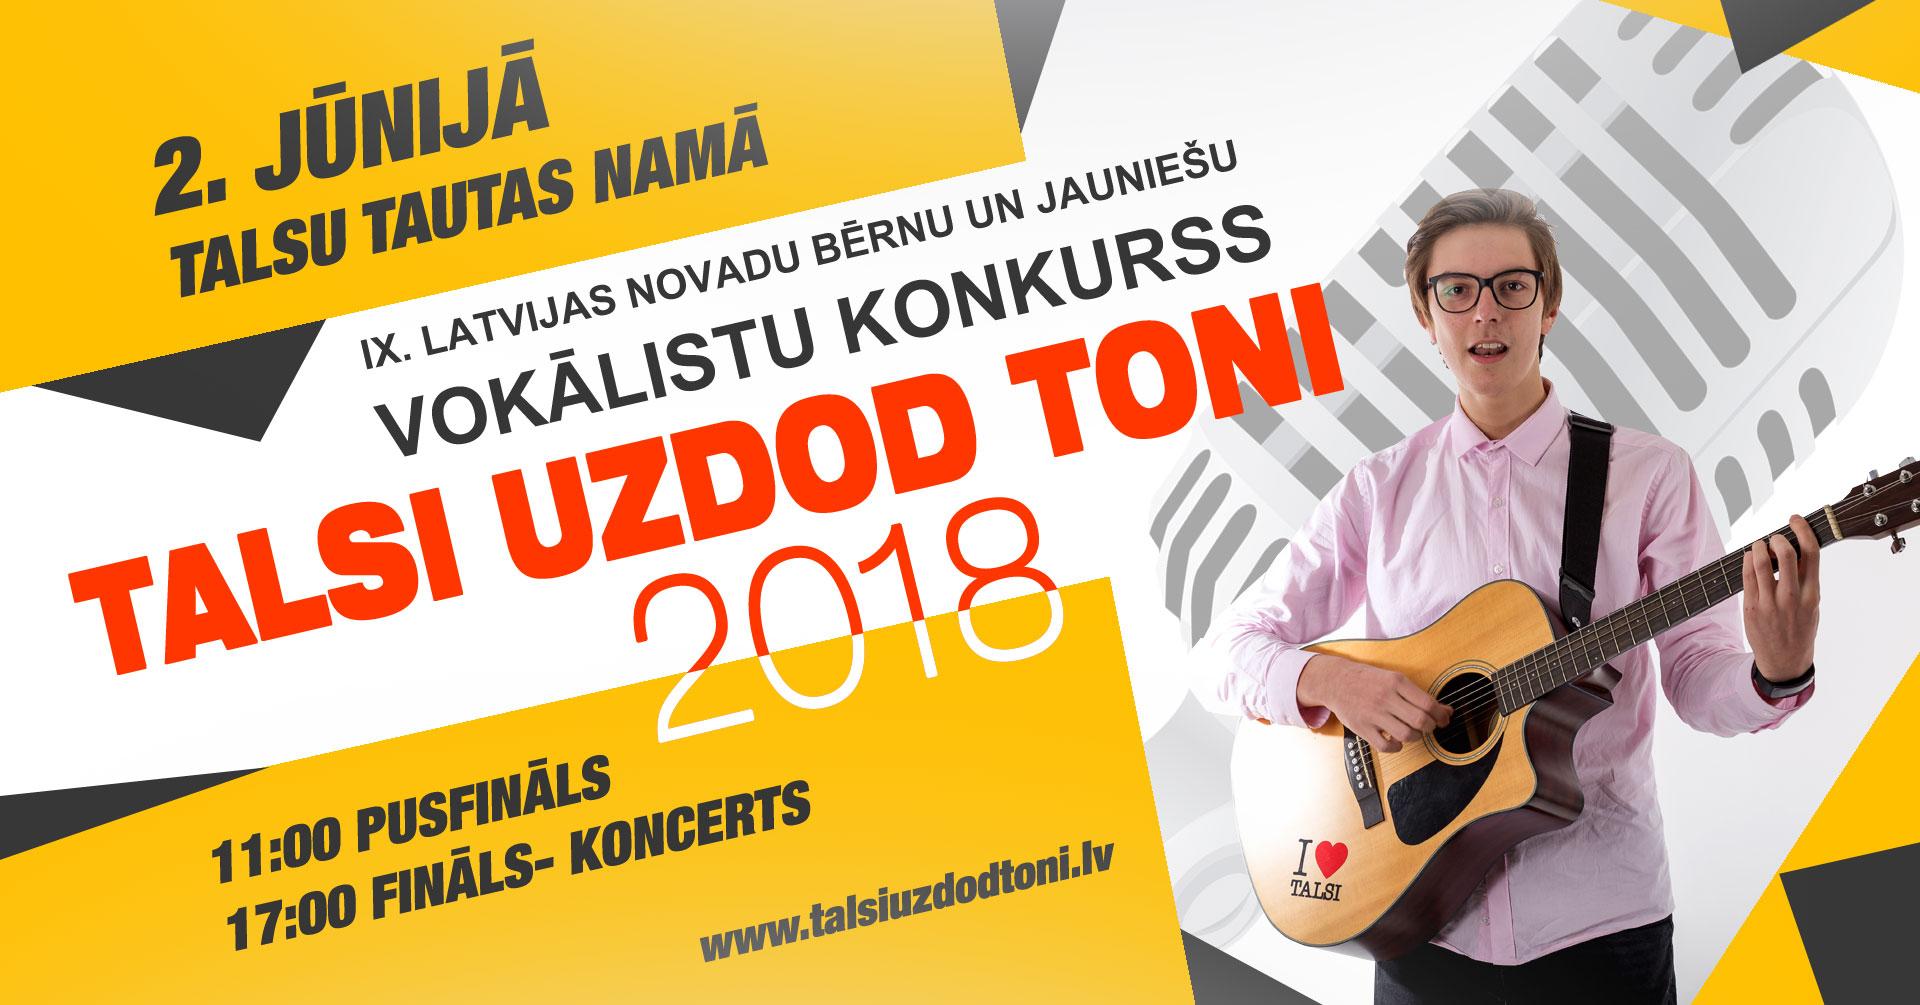 facebook_EVENT_COVER_tut.jpg